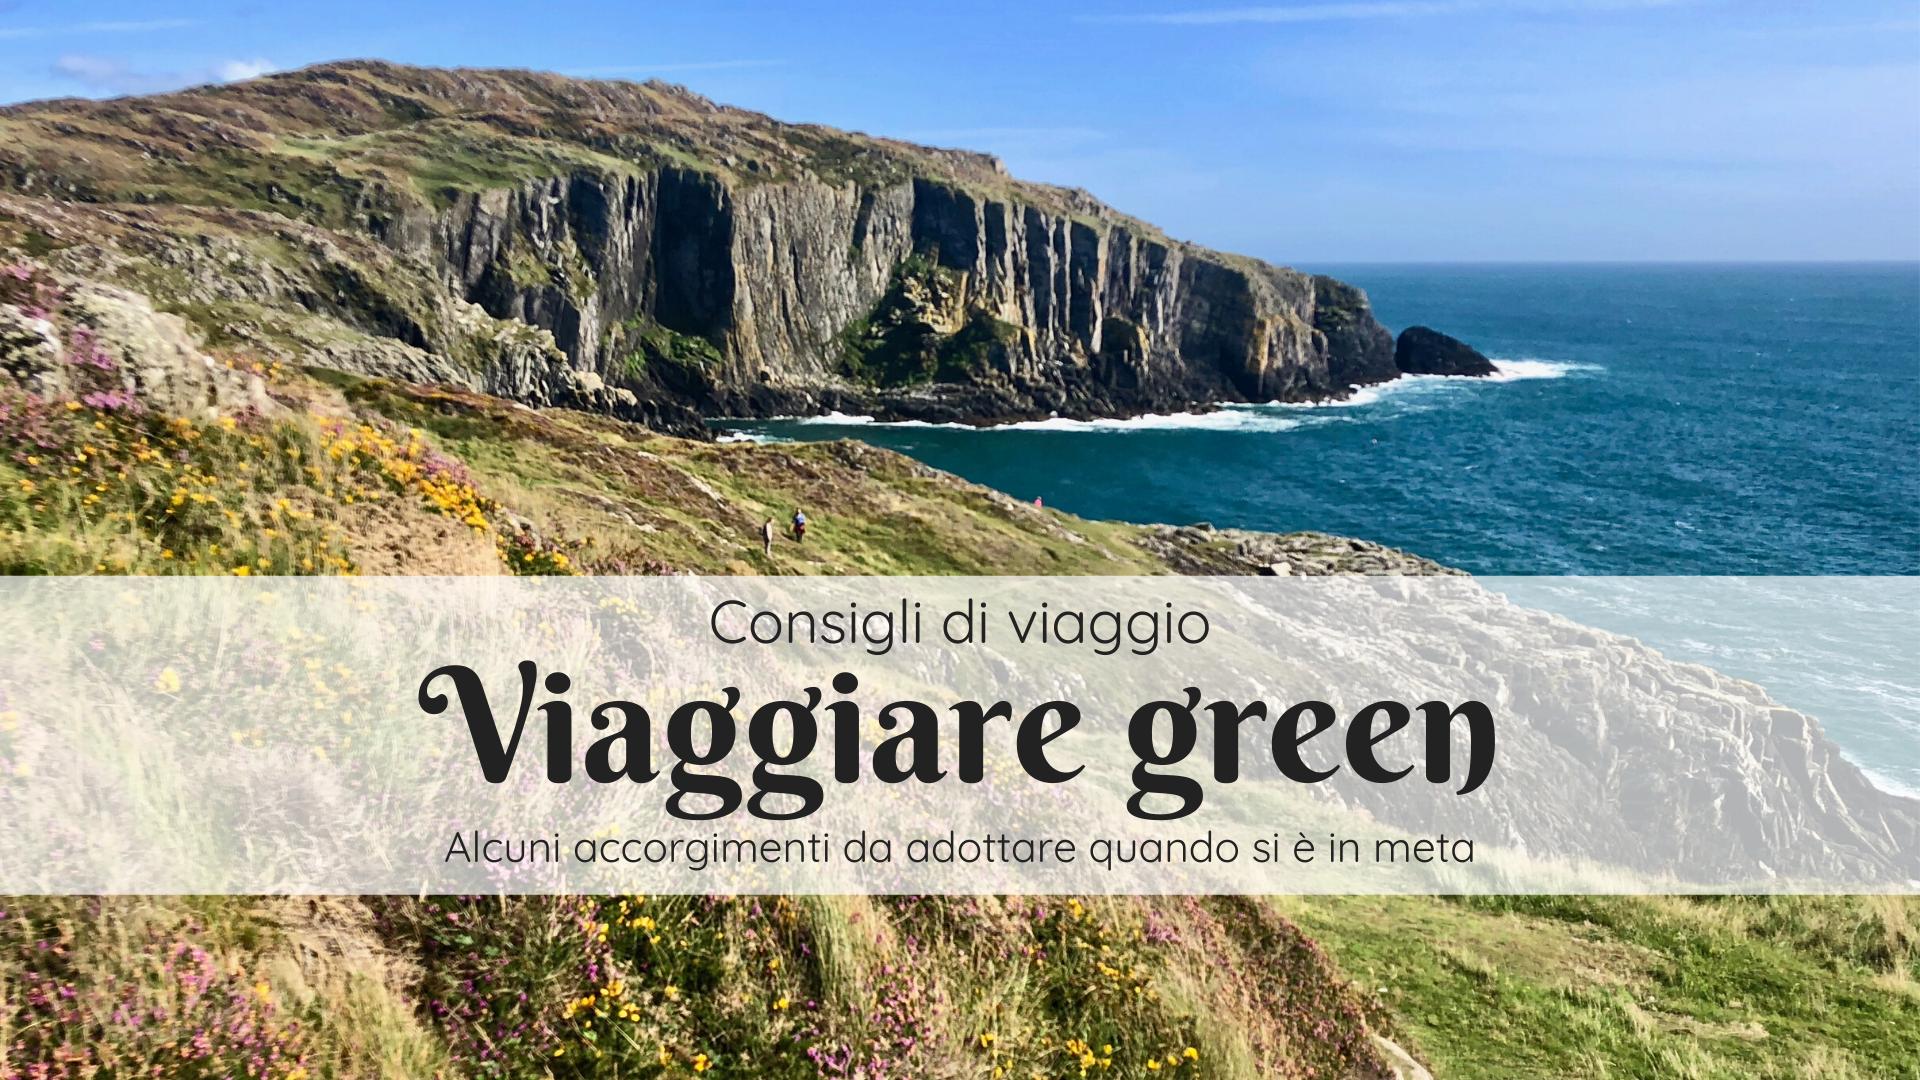 Viaggio green